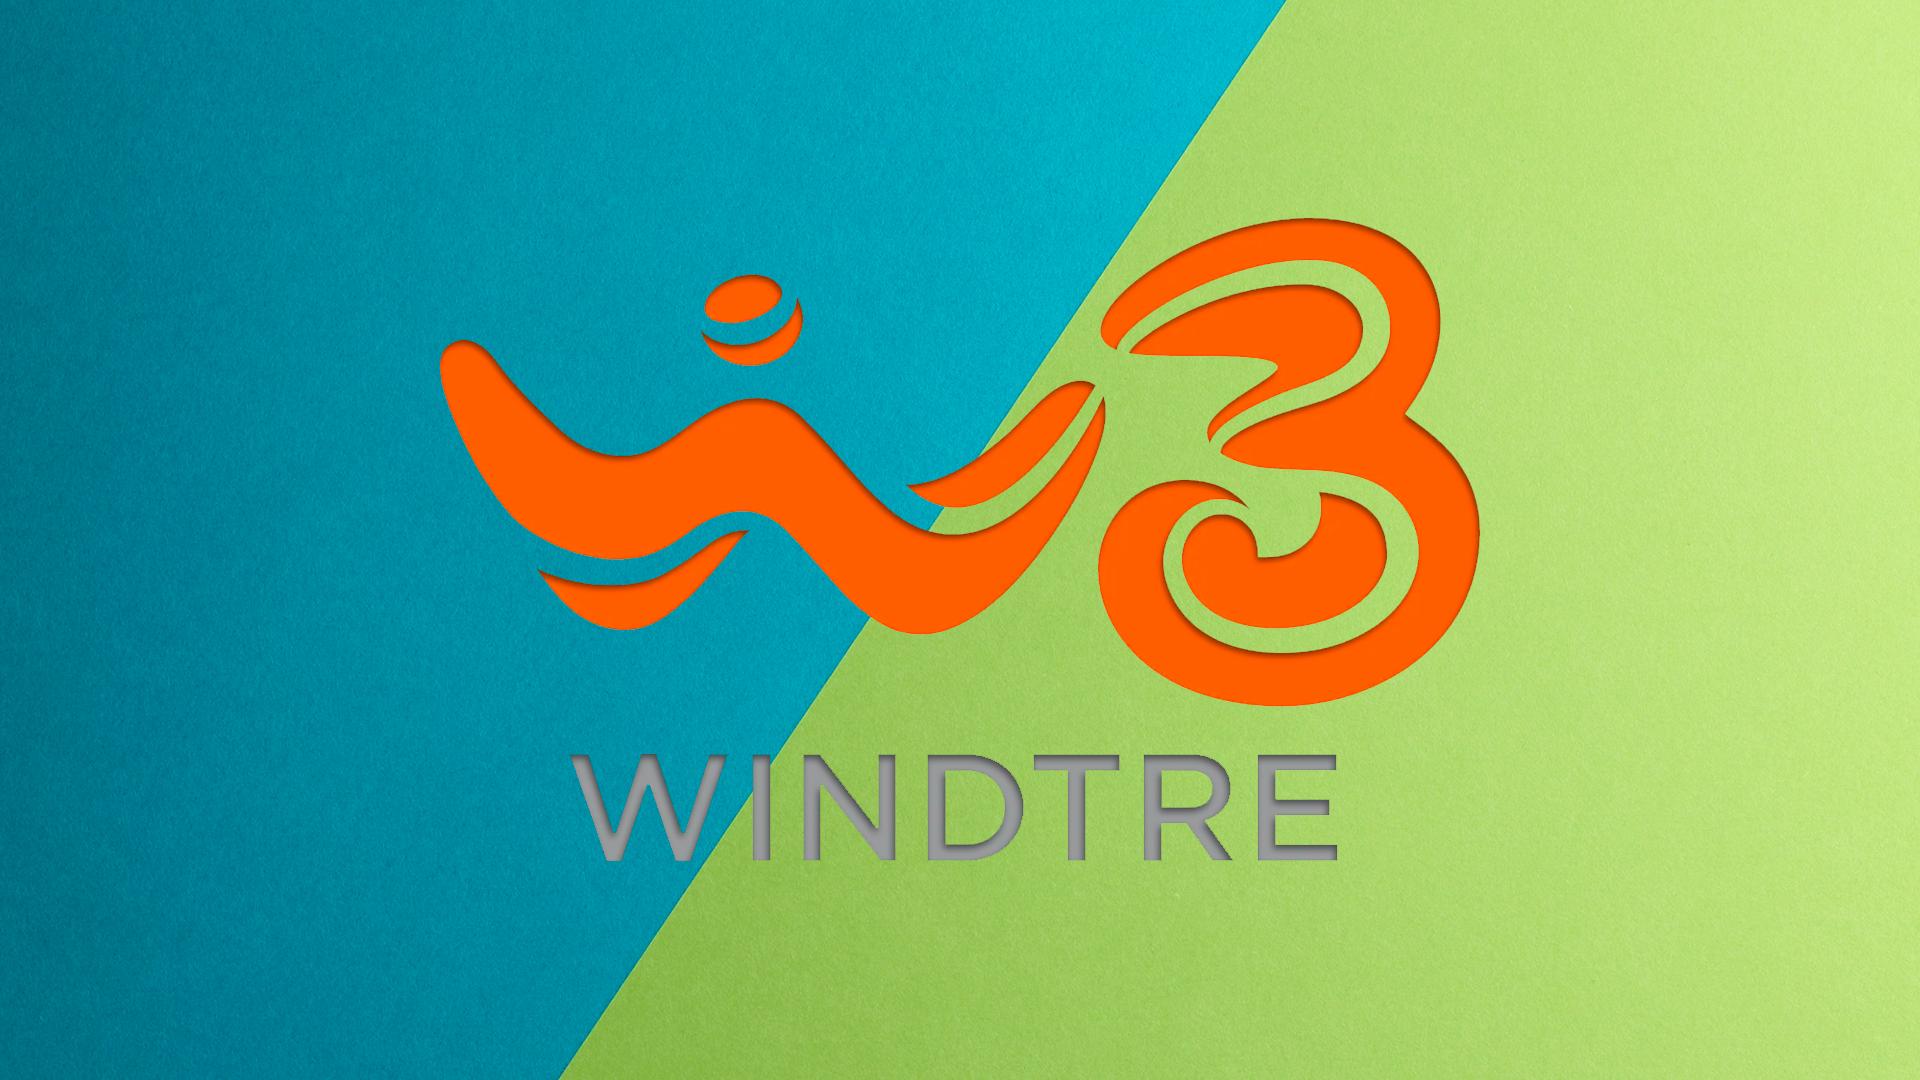 WindTre rete fissa: prevista rimodulazione da agosto con rincari fino a 4€ al mese